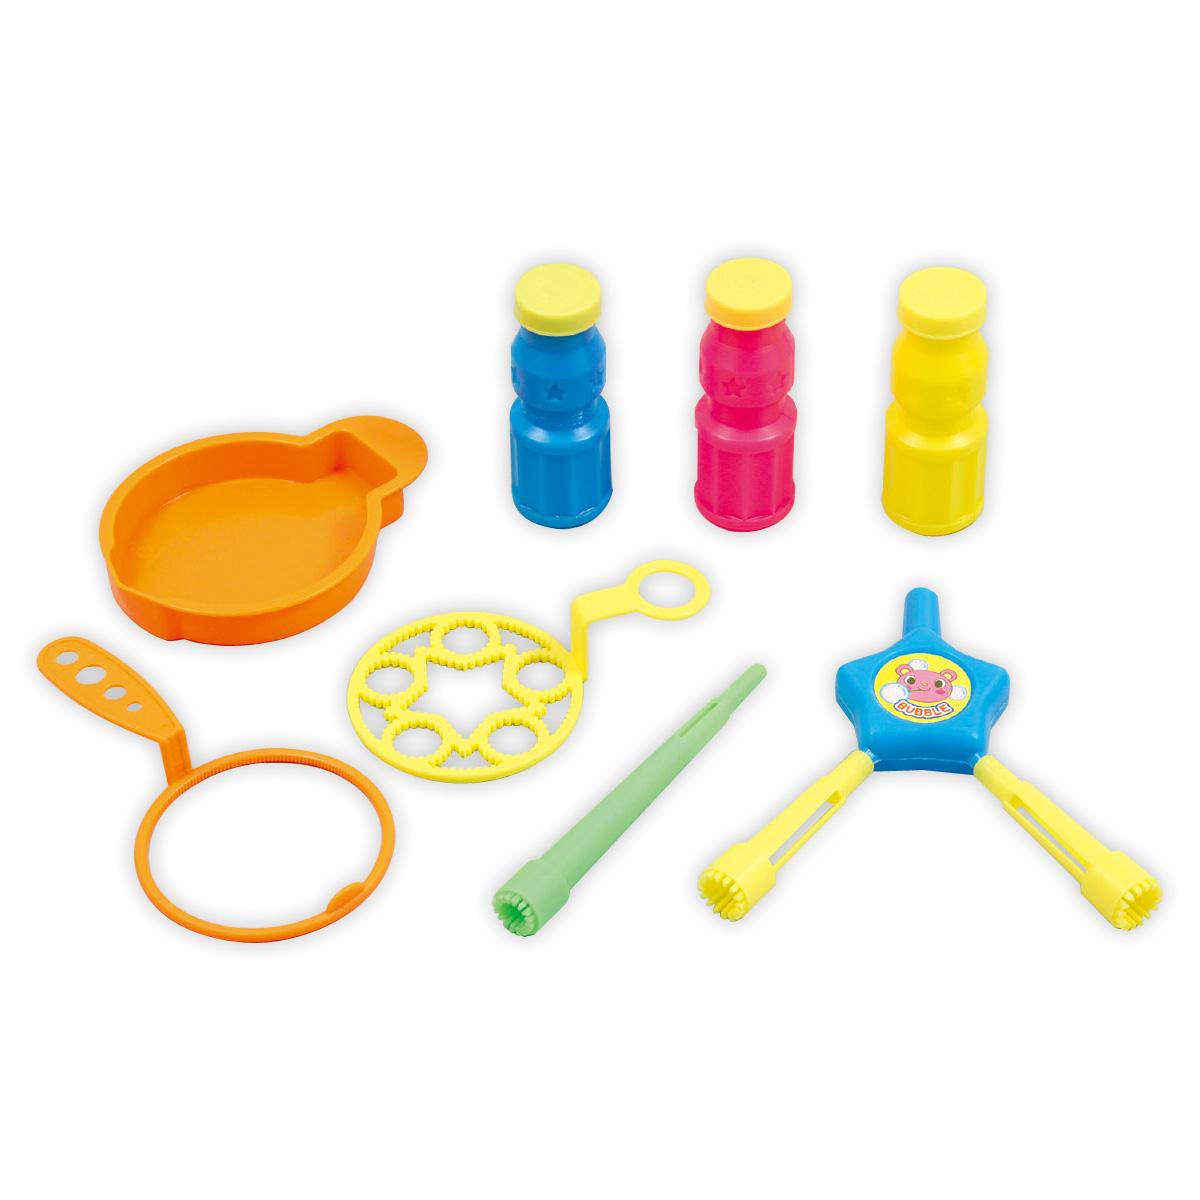 しゃぼん玉 セット しゃぼんDEあそぼう! シャボン玉 おもちゃ 知育玩具 玩具 外遊び キッズ 子供